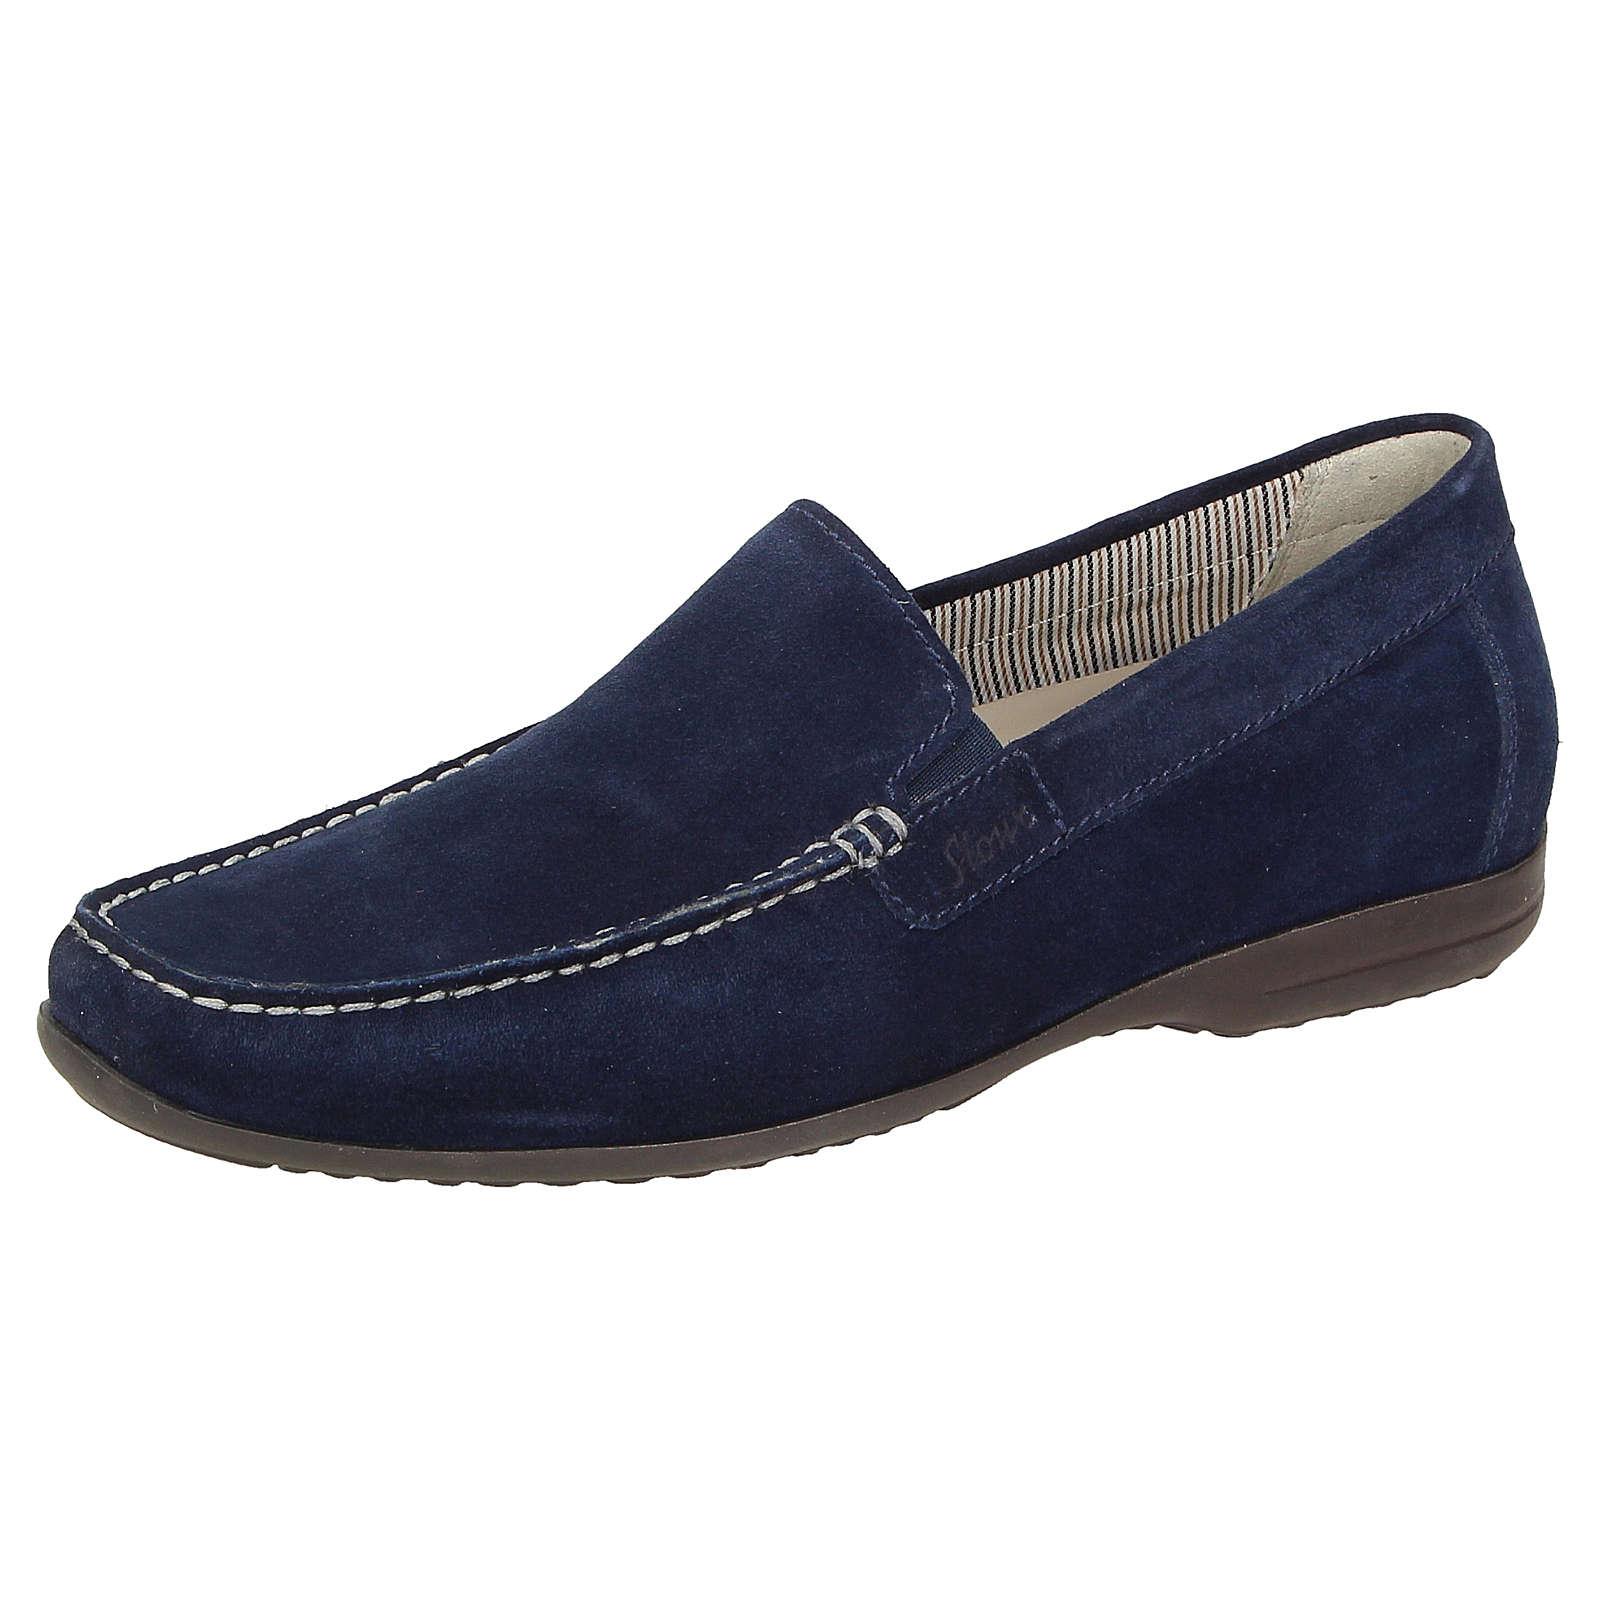 Sioux Slipper Giumelo-700 Slipper blau Herren Gr. 41,5